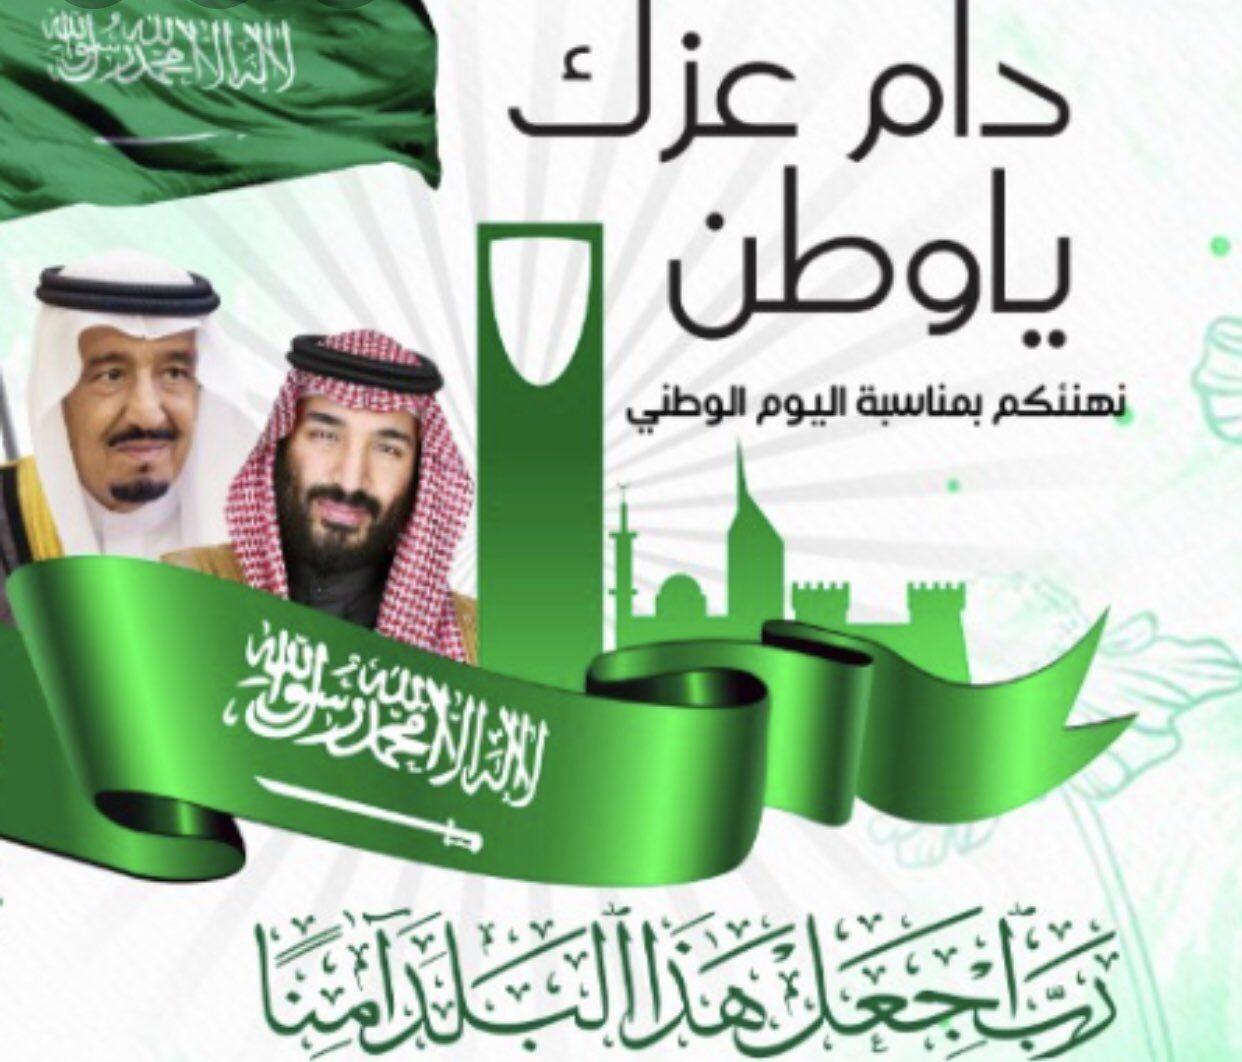 عبارات تهنئة لليوم الوطني بالسعودية